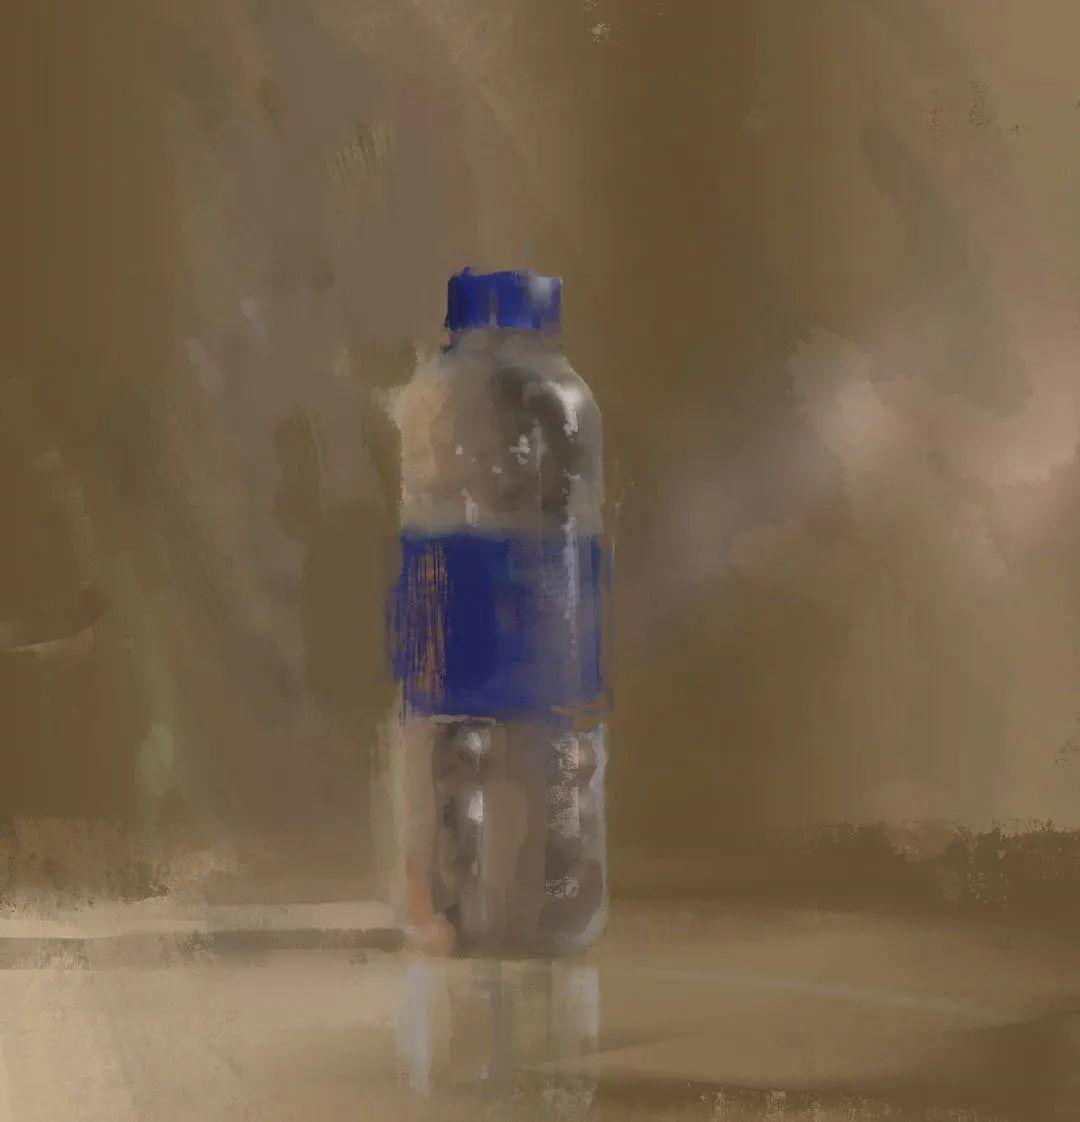 通透的质感,形色结合的笔触,写实有画味!插图17